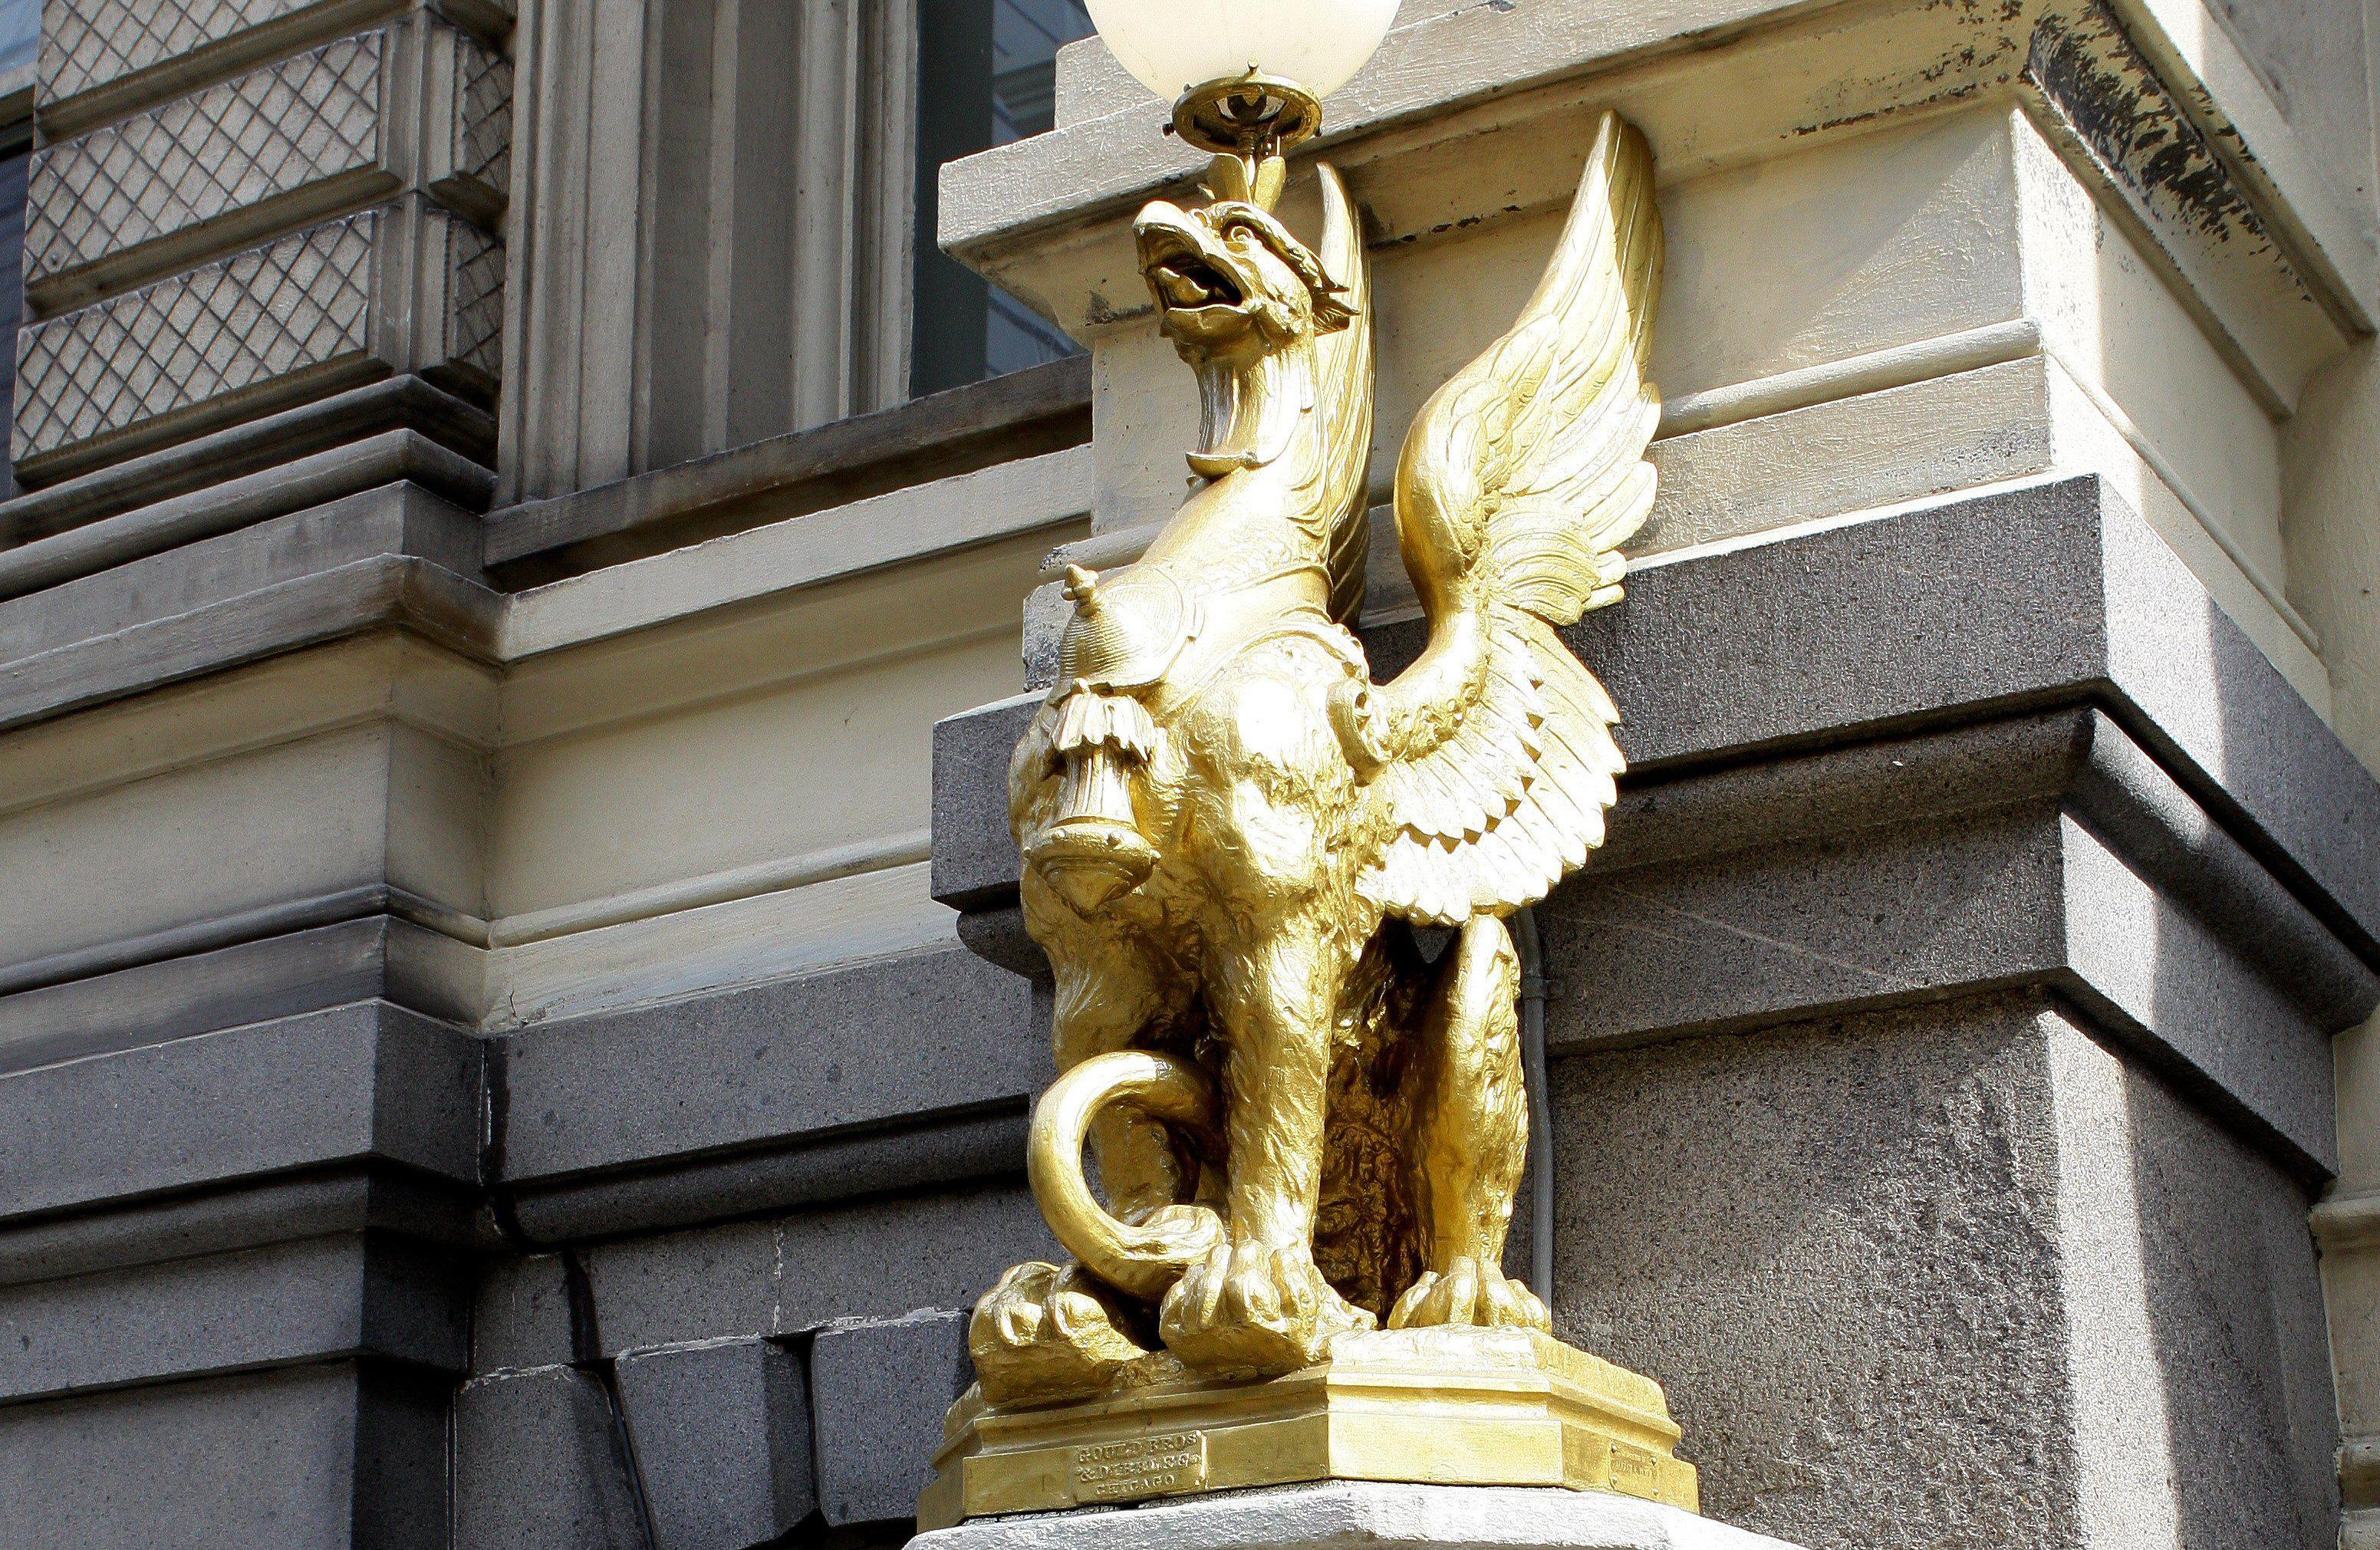 эскизу обручальных золотой грифон волгоград фото питбуля дворняги